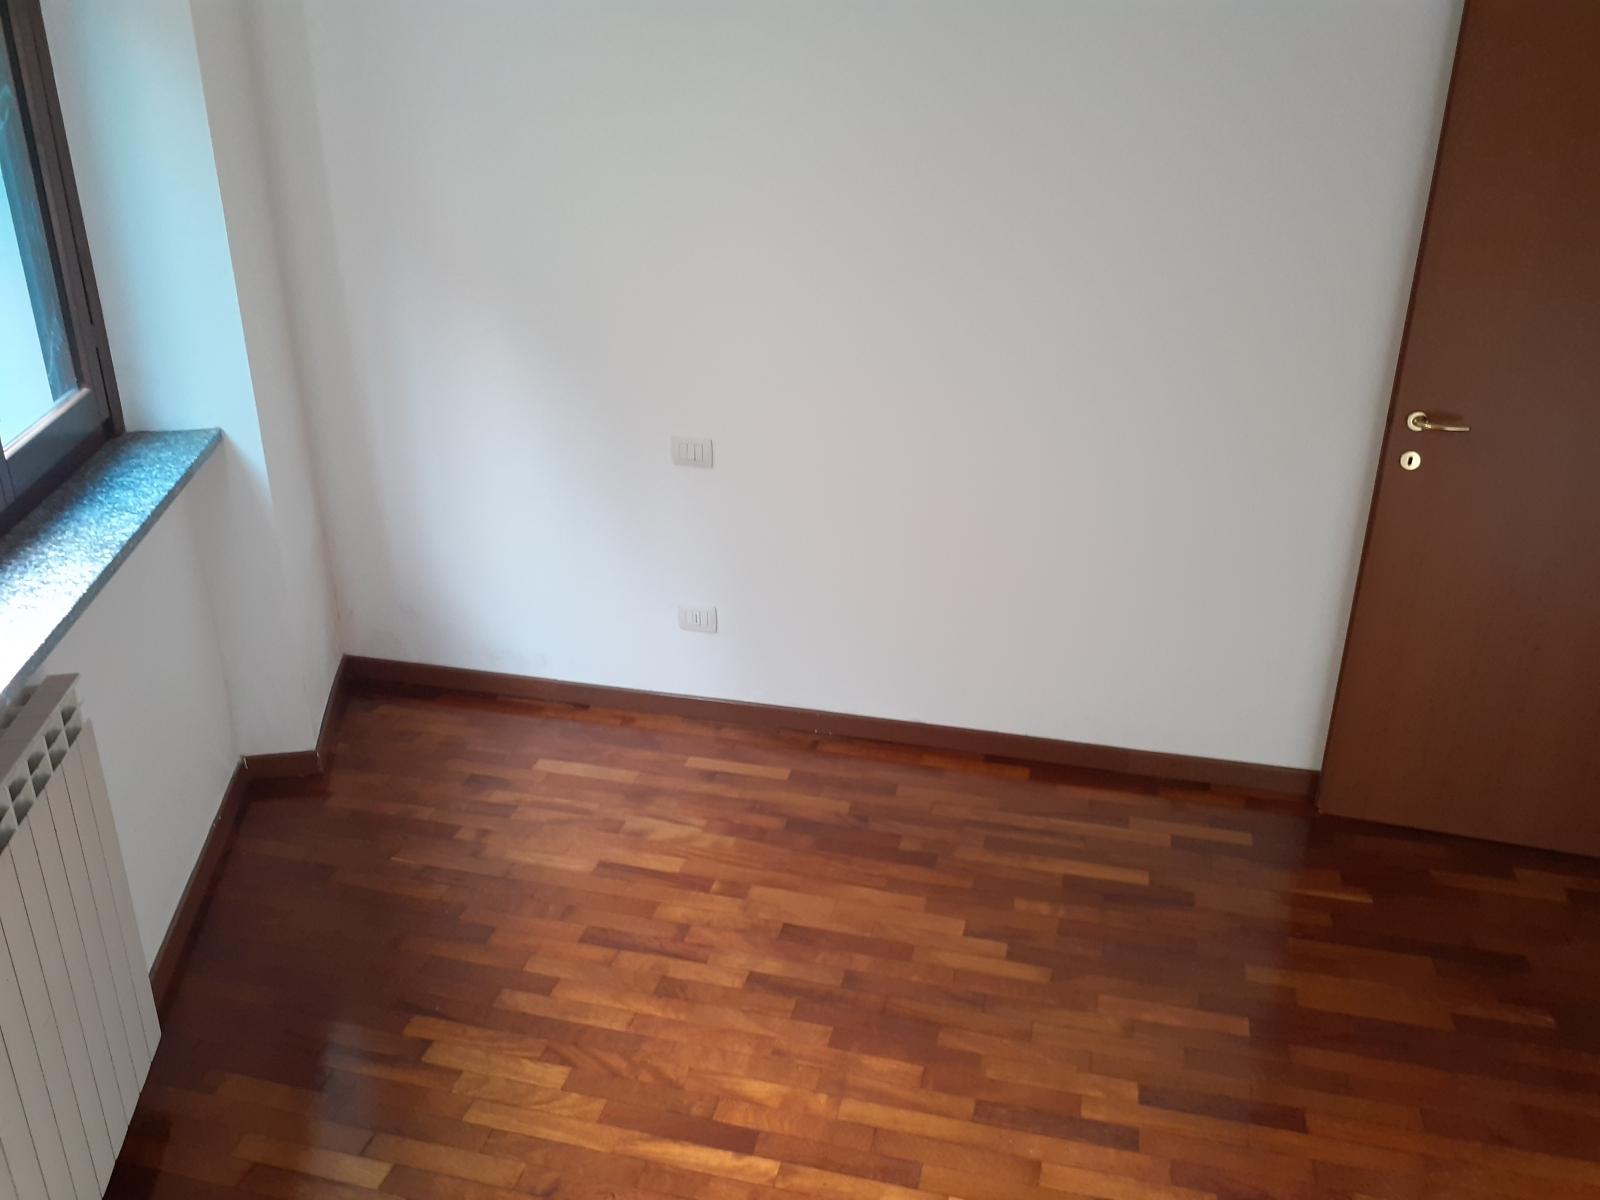 appartamento-tre-locali-milano-via-novara-quinto-romano-san-siro-3-locali-spaziourbano-immobiliare-vende-10